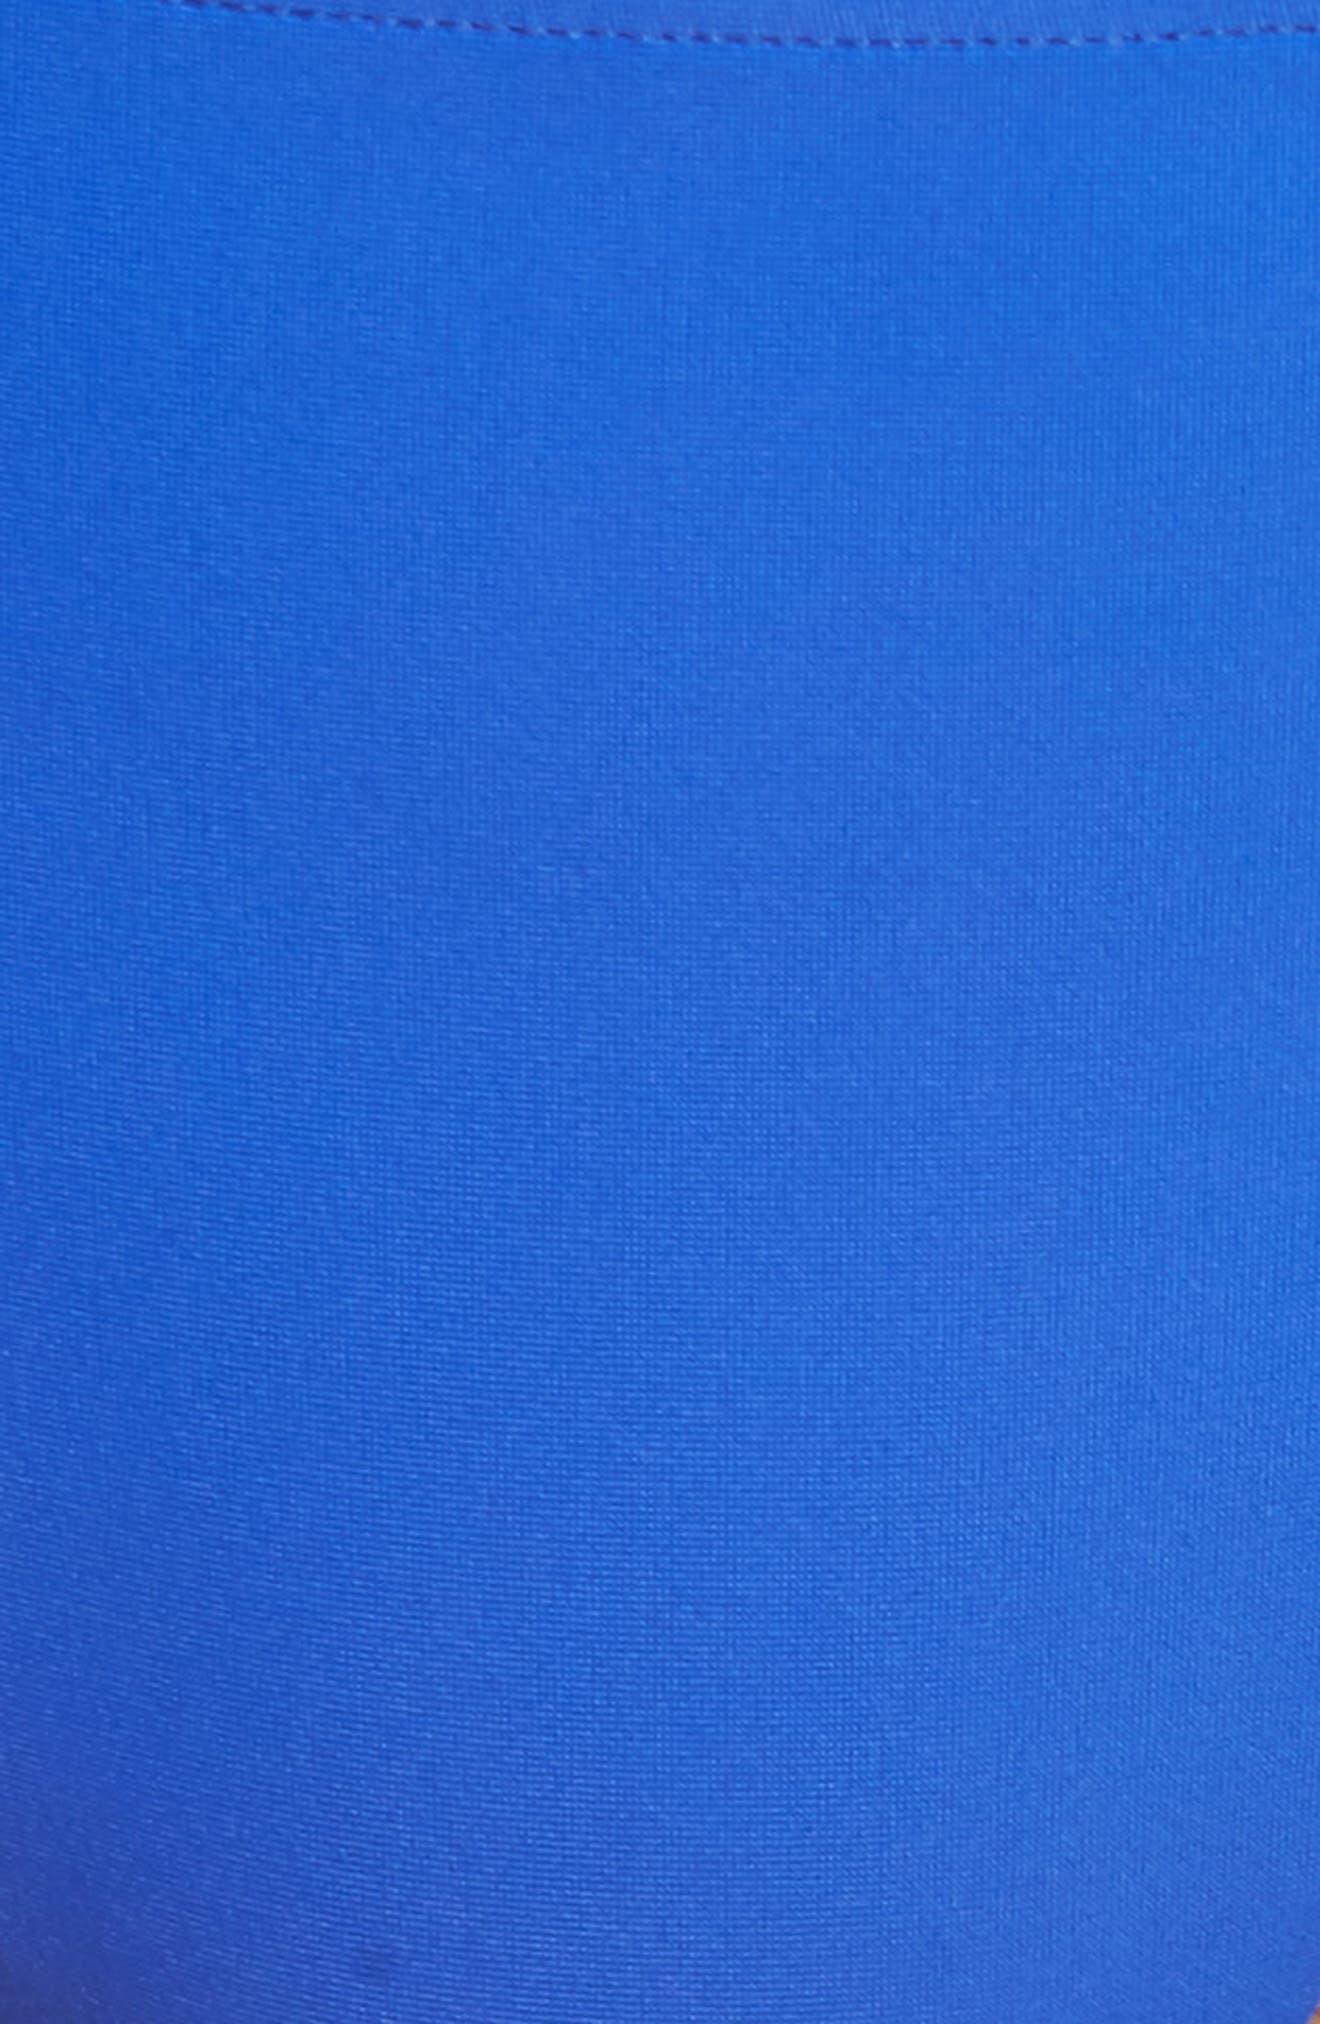 Sunset Bikini Bottoms,                             Alternate thumbnail 5, color,                             Blue/ Black